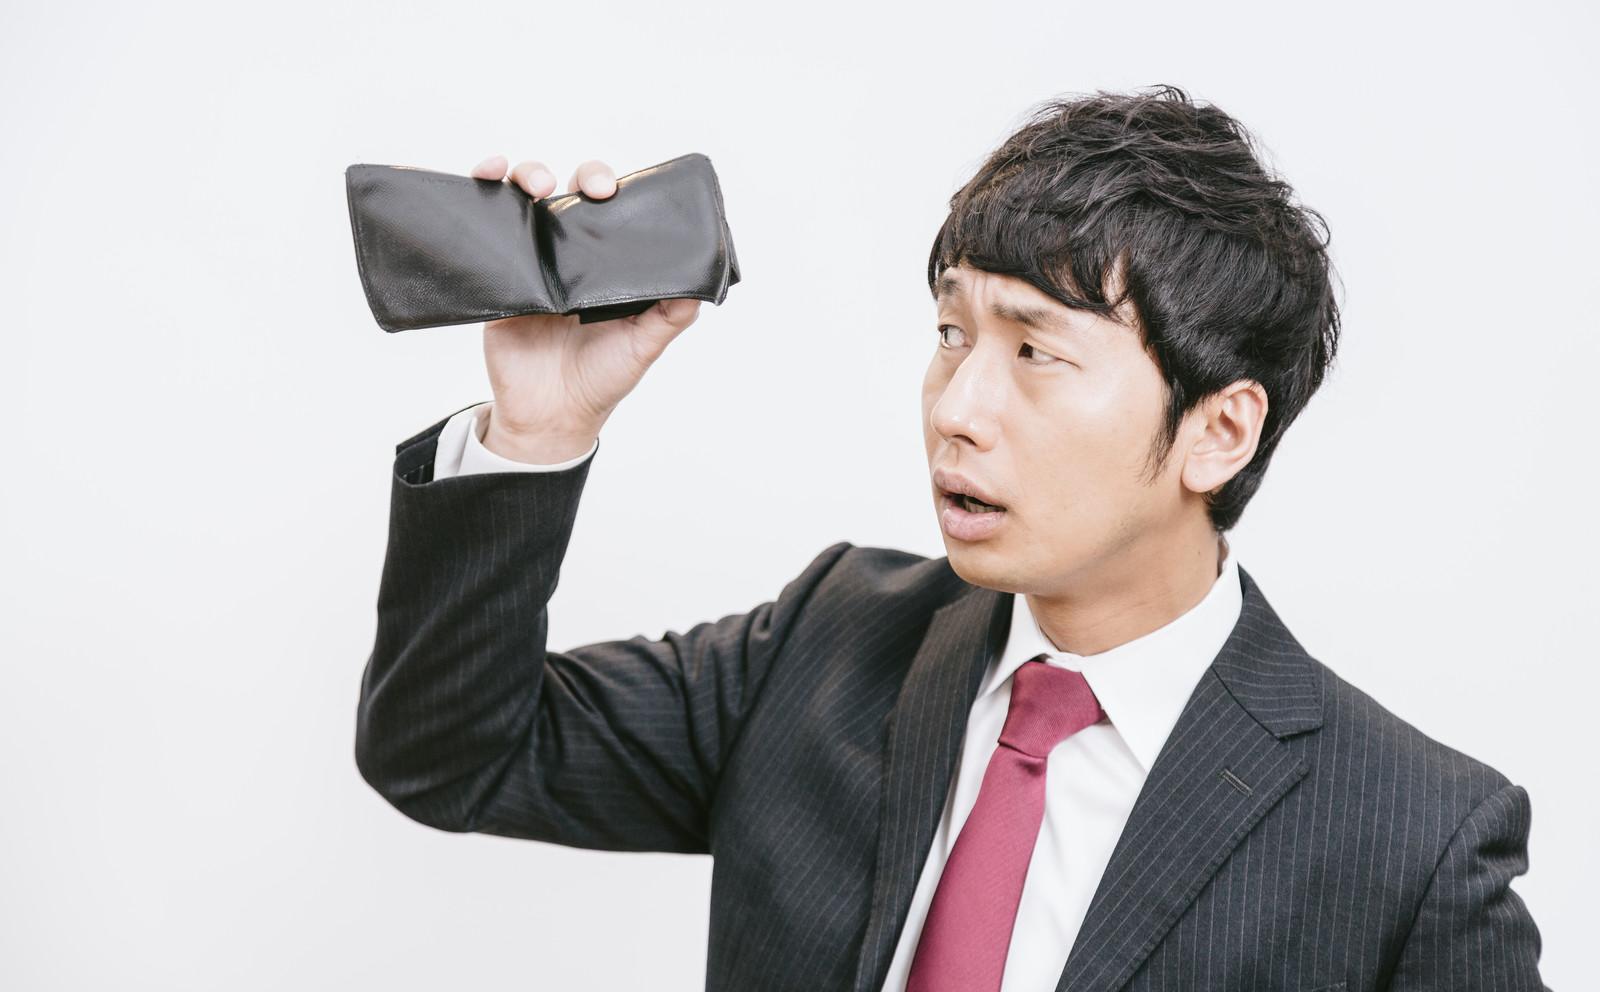 財布を落とした!電車でスラれた?財布が無事に戻ってくる確率は35%